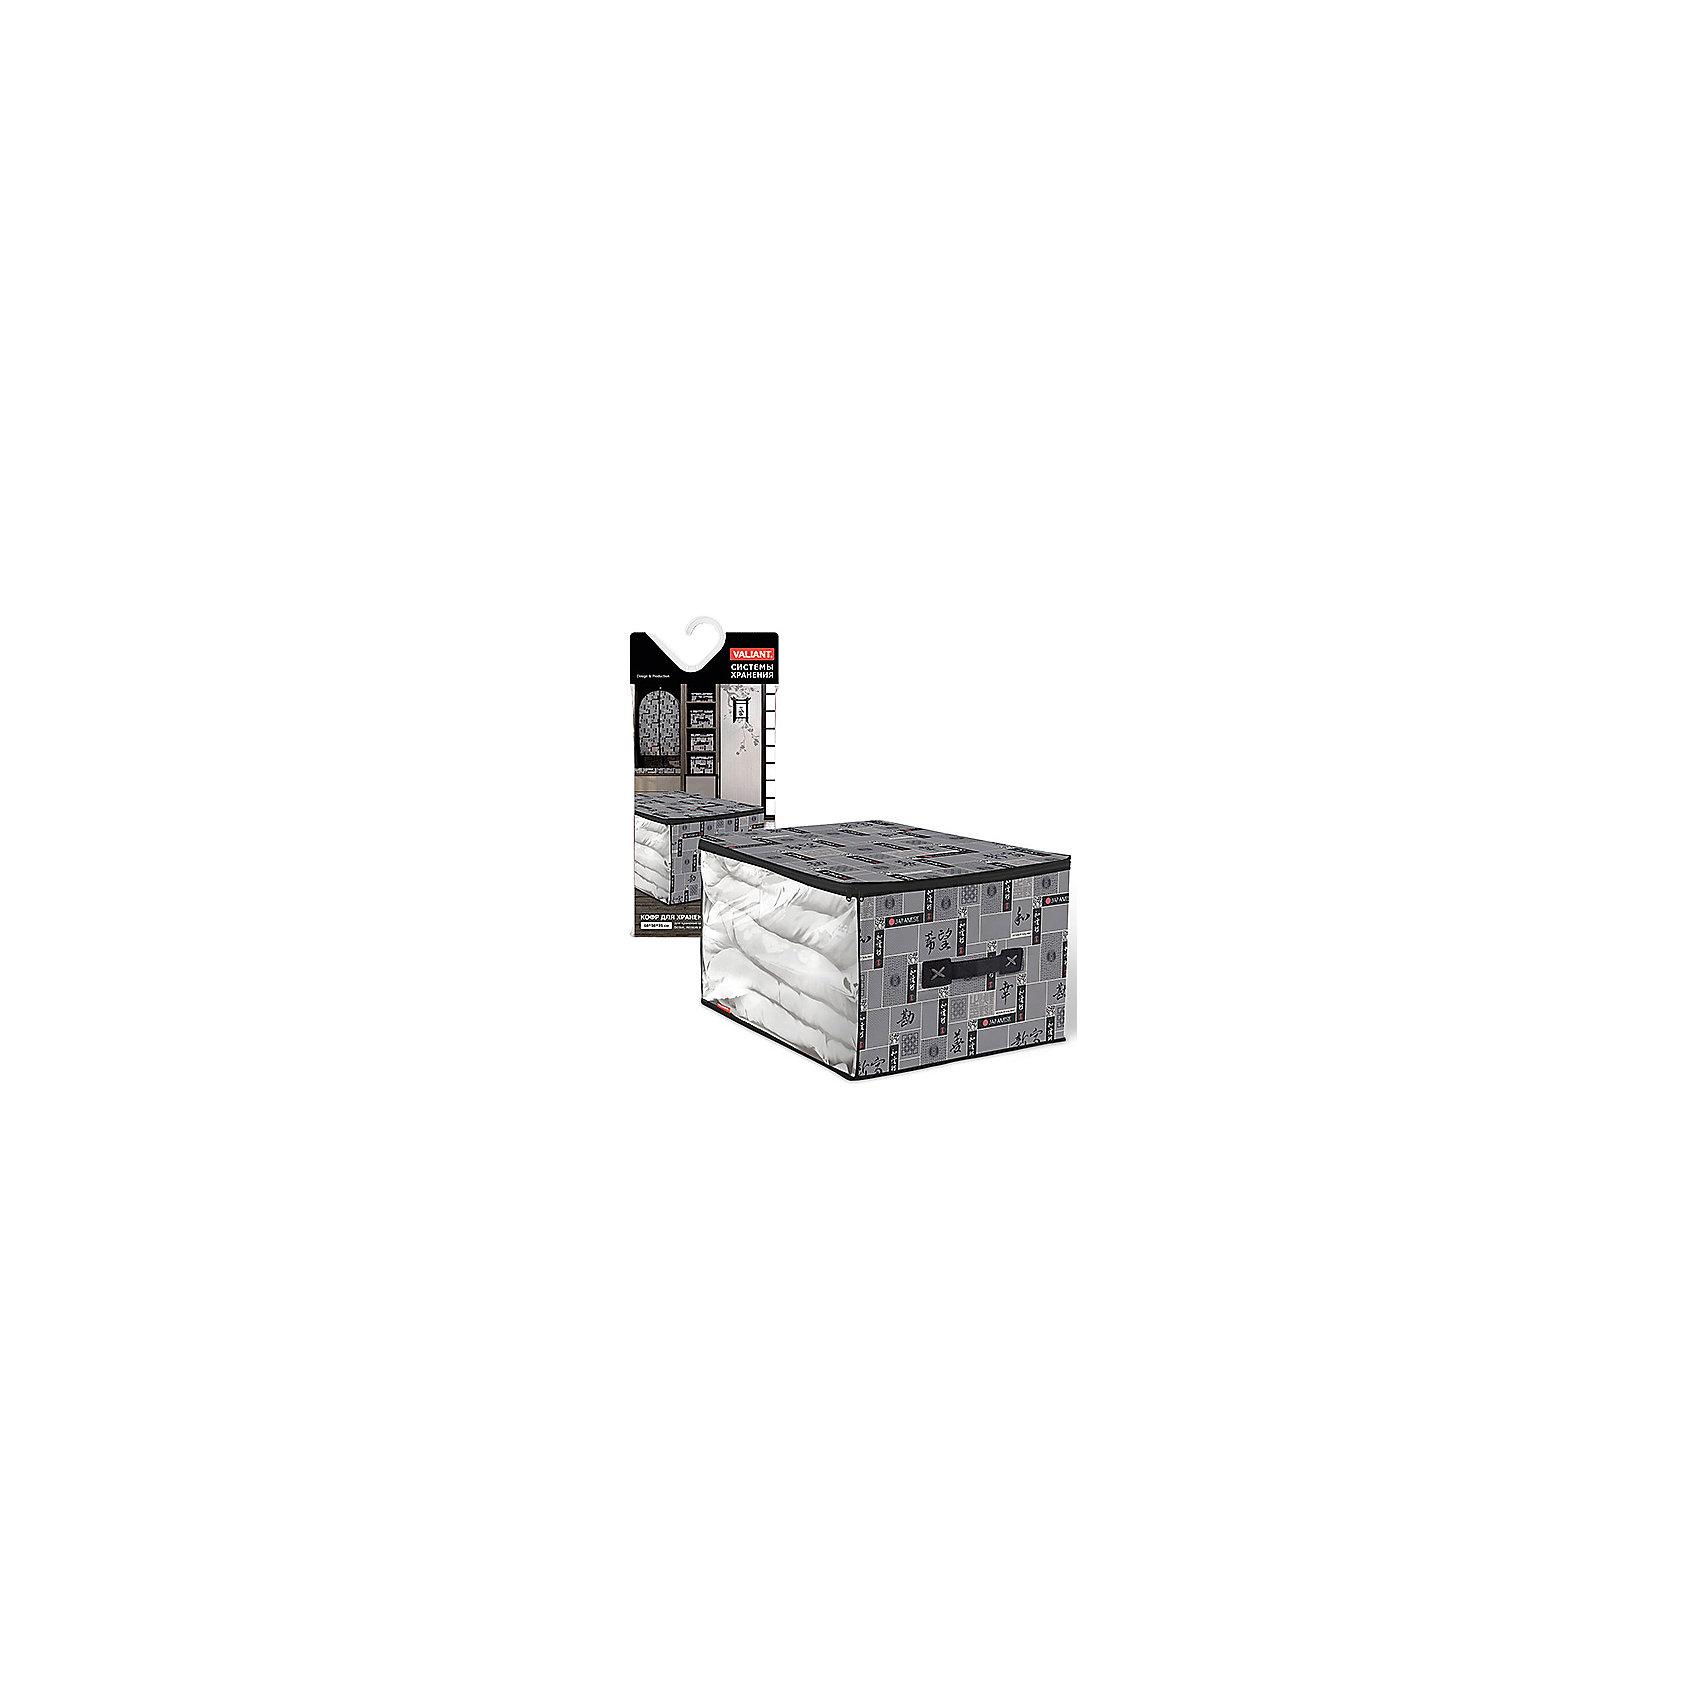 Кофр для хранения, большой, 60*50*35 см, JAPANESE BLACK, ValiantПорядок в детской<br>Кофр для хранения, большой, 60*50*35 см, JAPANESE BLACK, Valiant (Валиант) – это идеальное решение для хранения вещей.<br>Мягкий кофр для хранения JAPANESE BLACK от Valiant (Валиант) изготовлен из высококачественного нетканого материала, который обеспечивает естественную вентиляцию, позволяя воздуху проникать внутрь, но не пропускает пыль. Кофр снабжен прозрачной вставкой, что позволяет легко просматривать содержимое. Закрывается на застежку - молнию. В таком кофре удобно хранить большие одеяла, пуховики, лыжные костюмы, а также постельные принадлежности и домашний текстиль. Сбоку имеется ручка. Кофр для хранения JAPANESE BLACK от Valiant (Валиант) гармонично смотрится в гардеробе. Лаконичный и сдержанный дизайн, напоминающий характер самурая, разработан специально для тех, кто предпочитает строгие линии и неяркие практичные цвета. В принте использованы японские иероглифы богатство, удача, благодеяние, гармония, мир и согласие.<br><br>Дополнительная информация:<br><br>- Размер: 60х50х35 см.<br>- Материал: нетканый материал, ПВХ<br>- Цвет: серый, черный<br><br>Кофр для хранения, большой, 60*50*35 см, JAPANESE BLACK, Valiant (Валиант) можно купить в нашем интернет-магазине.<br><br>Ширина мм: 185<br>Глубина мм: 30<br>Высота мм: 400<br>Вес г: 219<br>Возраст от месяцев: 36<br>Возраст до месяцев: 1080<br>Пол: Унисекс<br>Возраст: Детский<br>SKU: 4993436